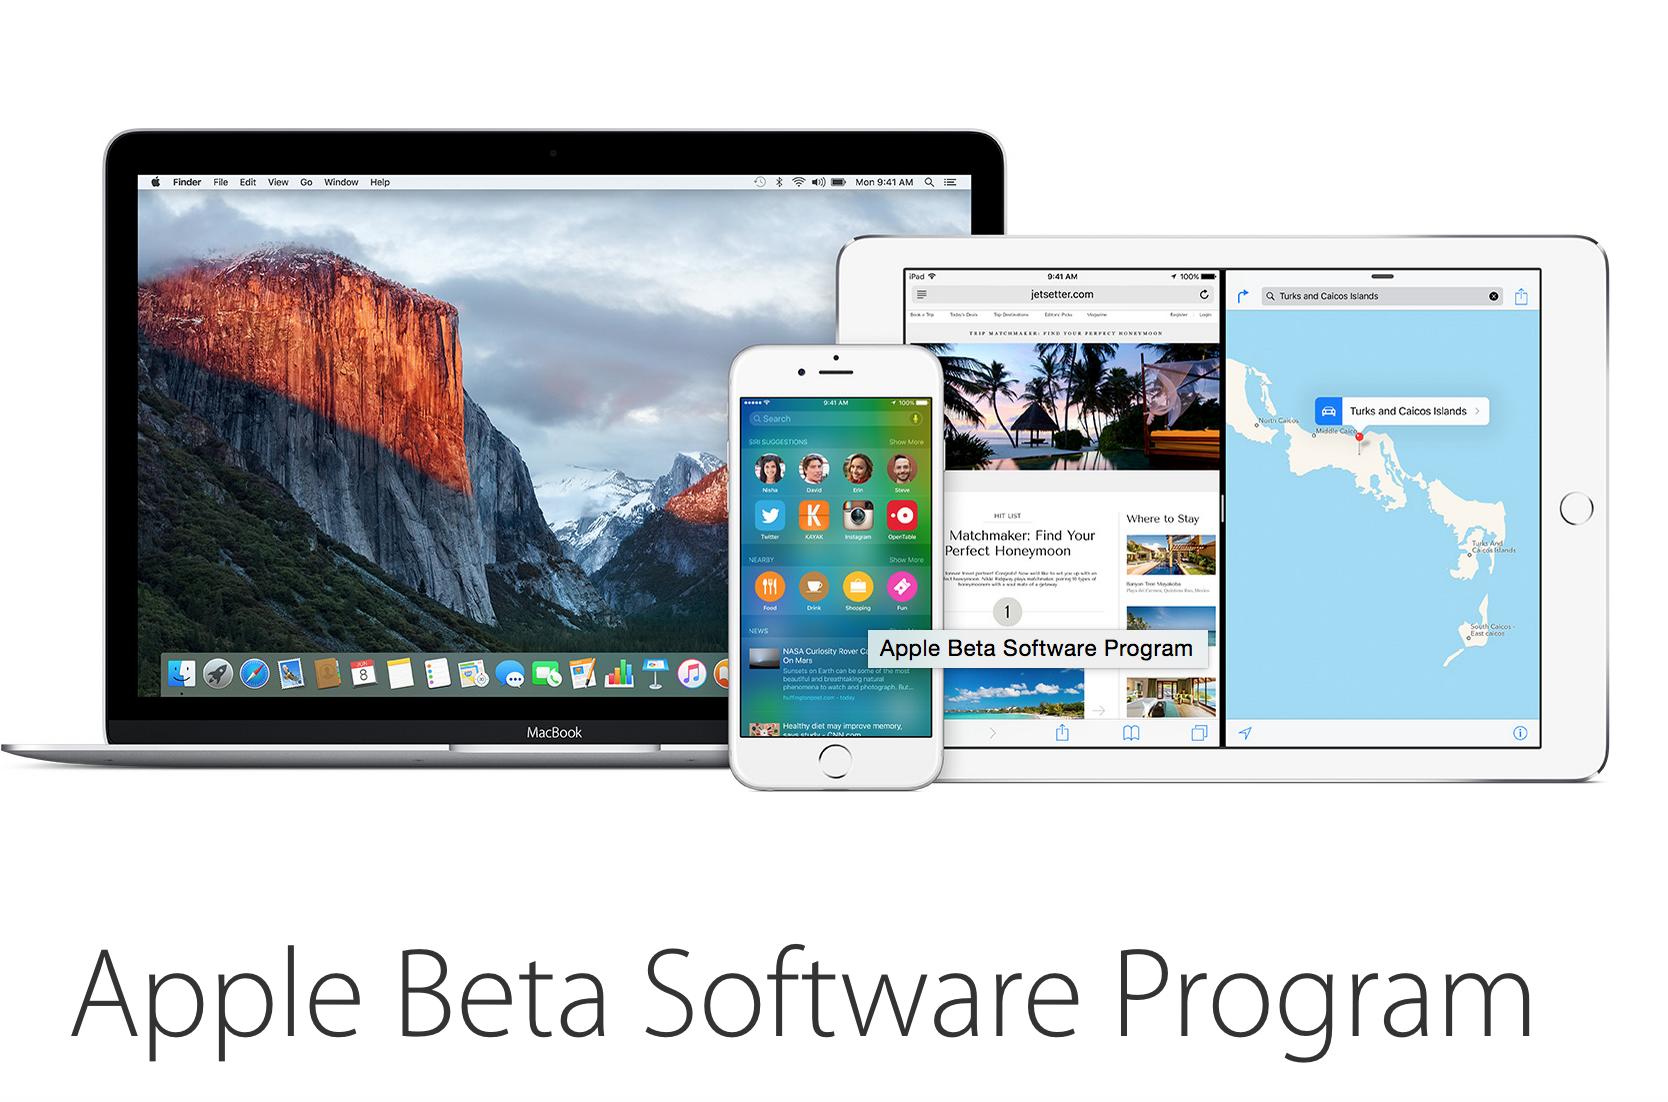 [Tải về]- Apple tung bản iOS 9 beta và OS X 10.11 beta cho mọi người dùng